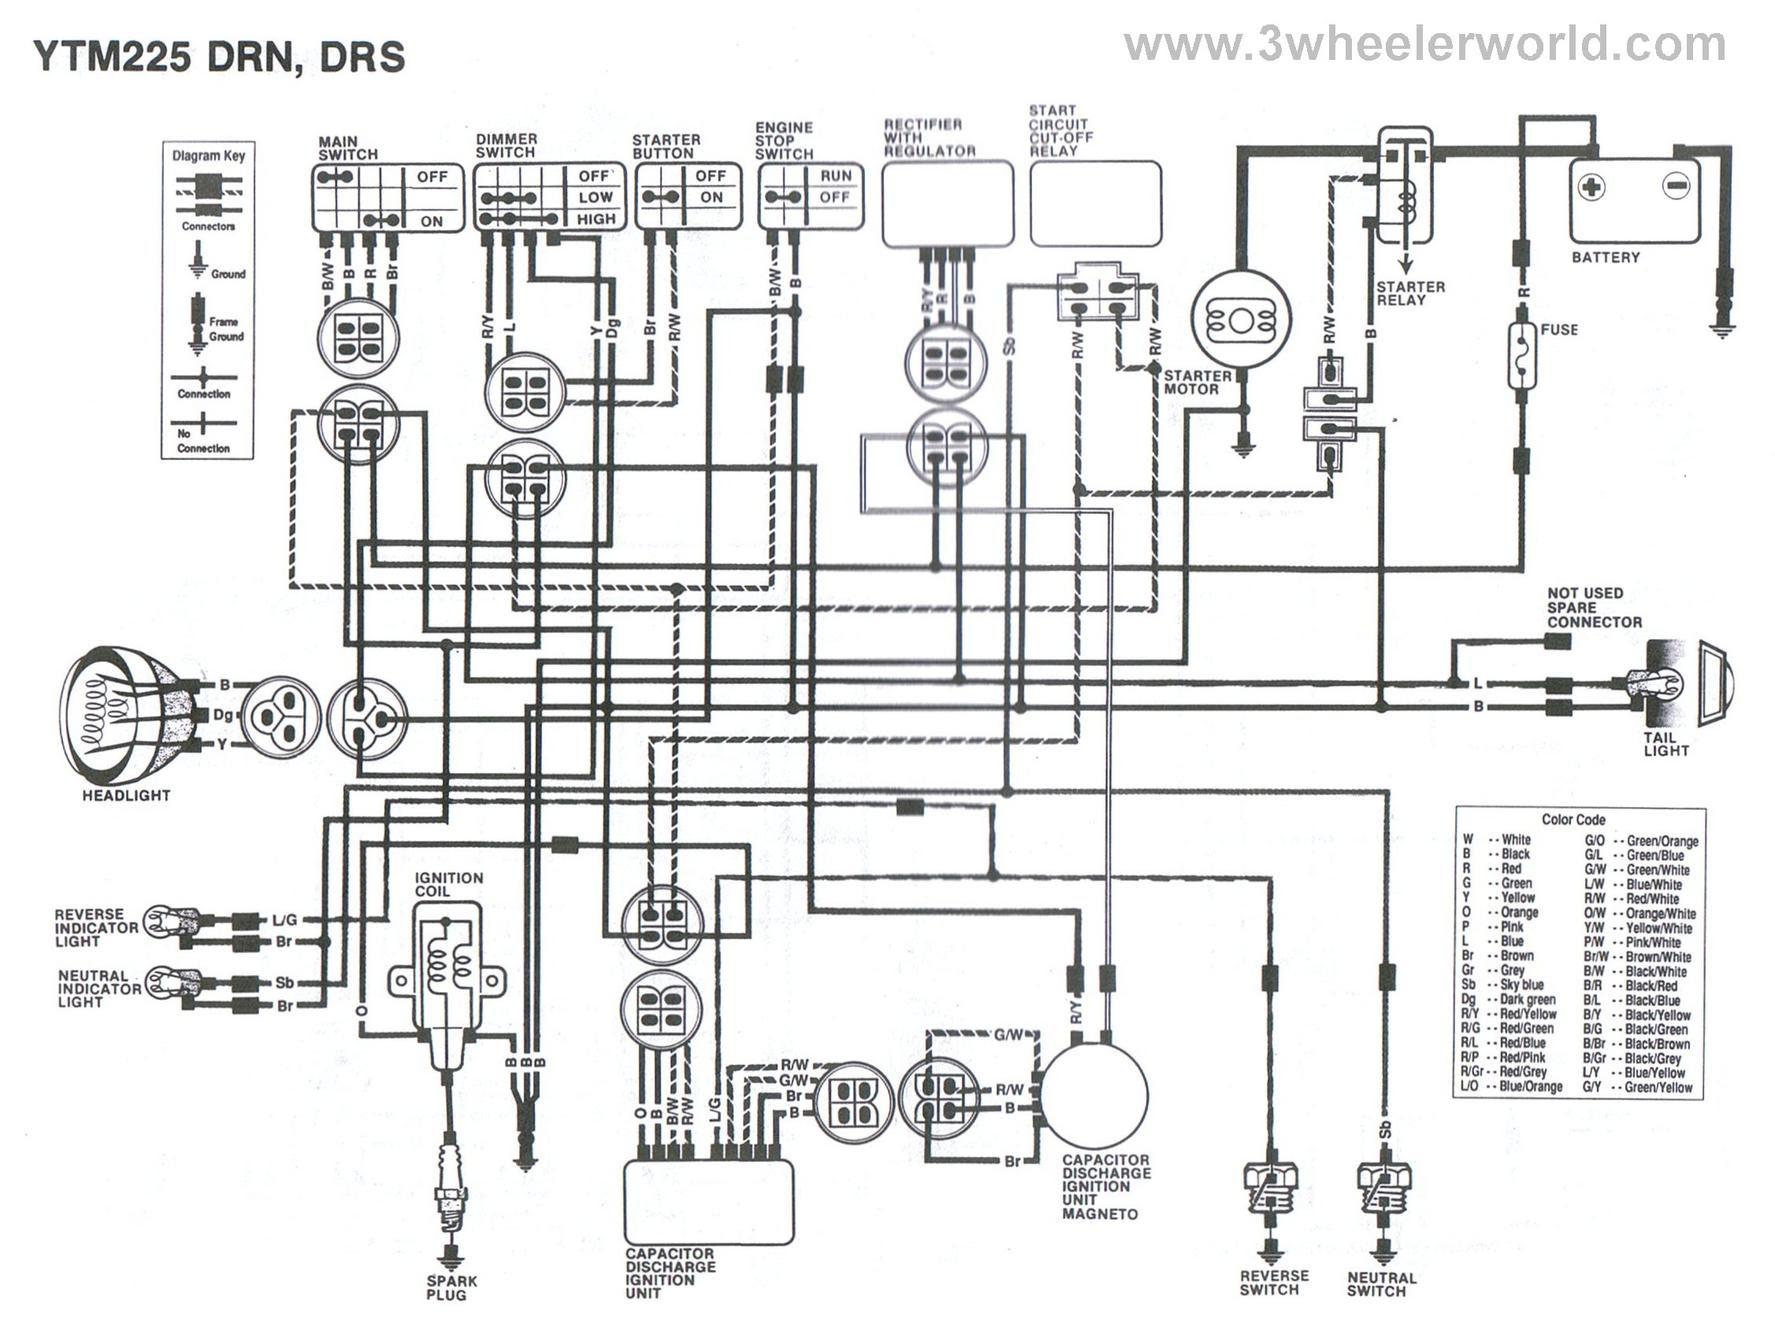 72cm yamaha 4 wheeler wiring diagrams image 6